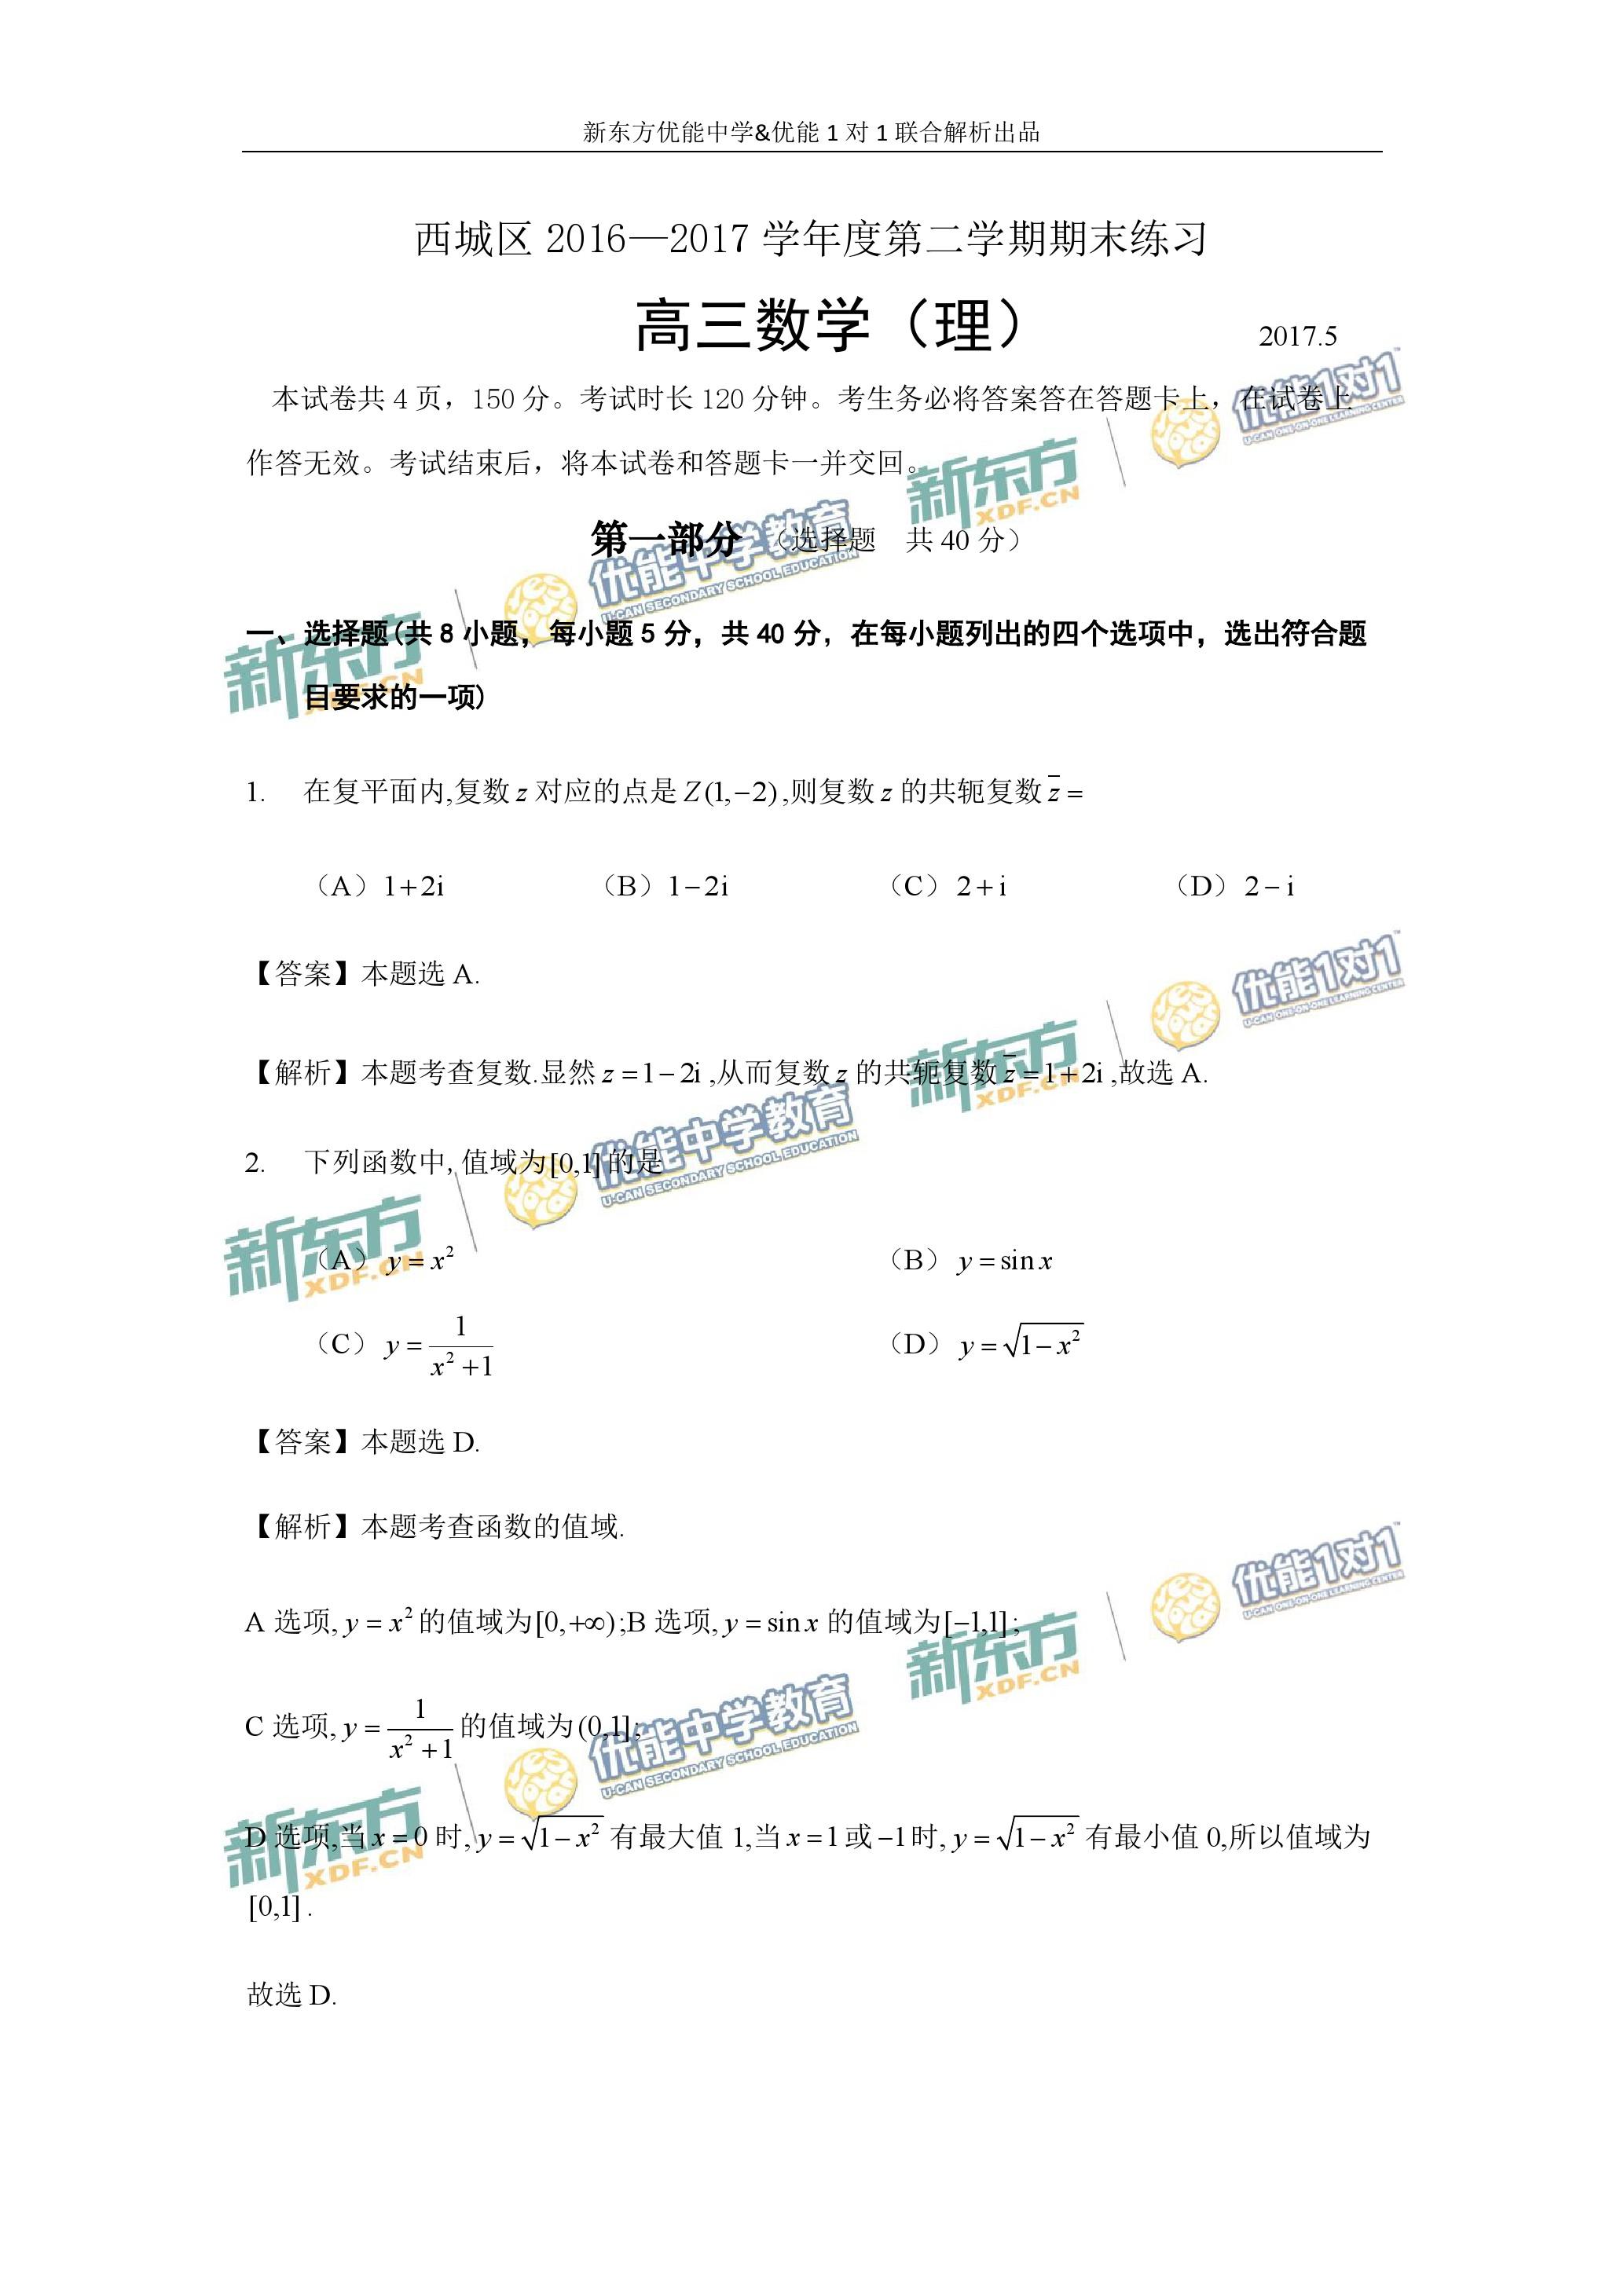 2017北京西城高三二模数学理试卷答案逐题解析